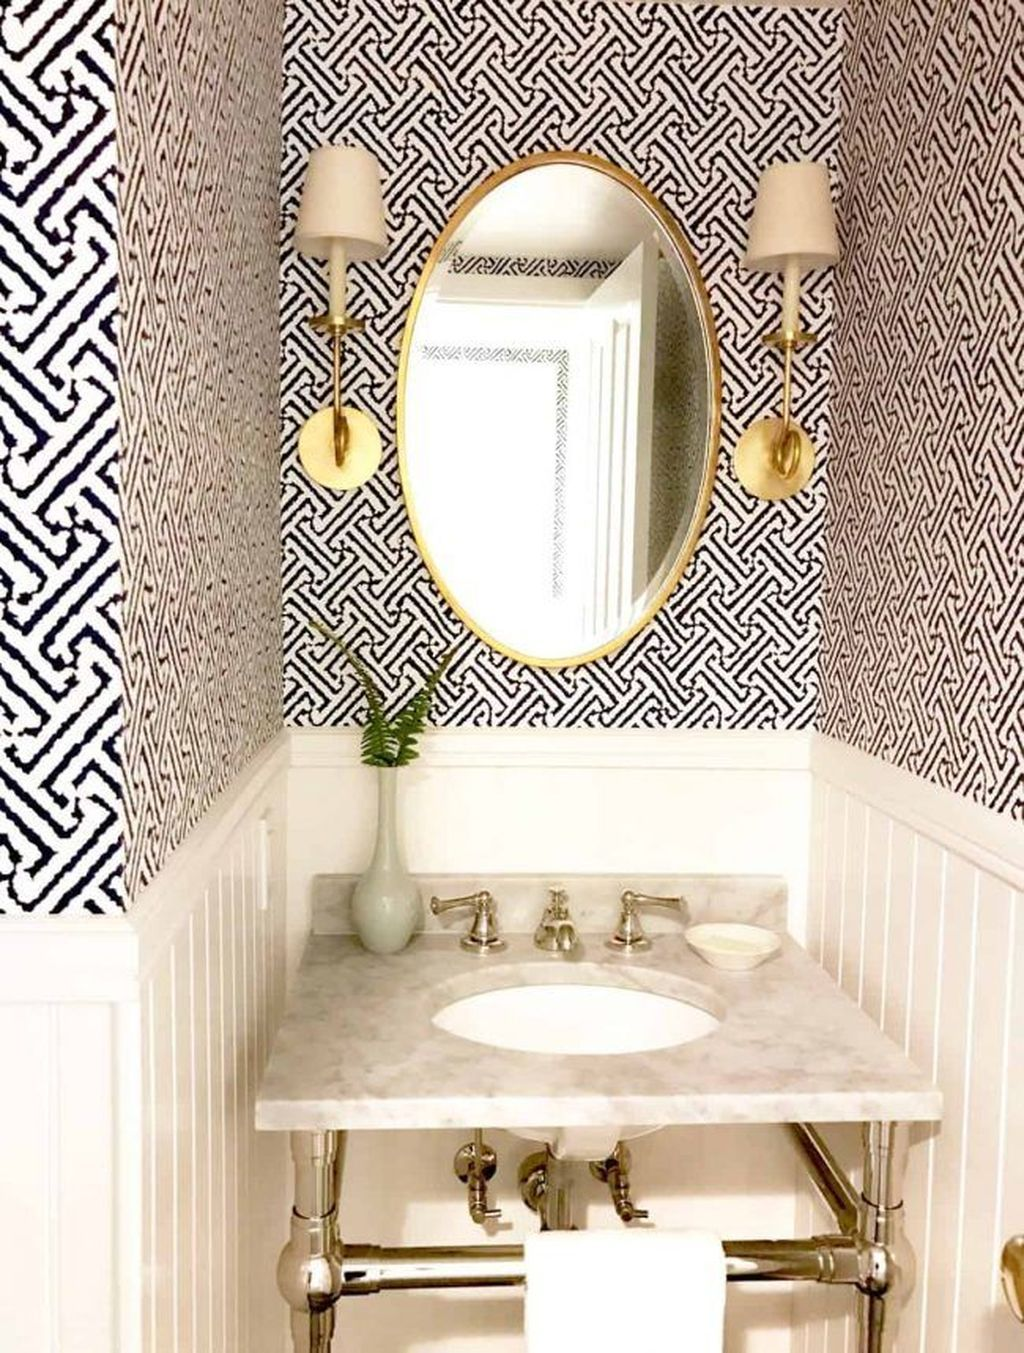 30 Inspiring Small Powder Room Decor And Design Ideas Powder Room Decor Bathroom Wallpaper Trends Powder Room Design